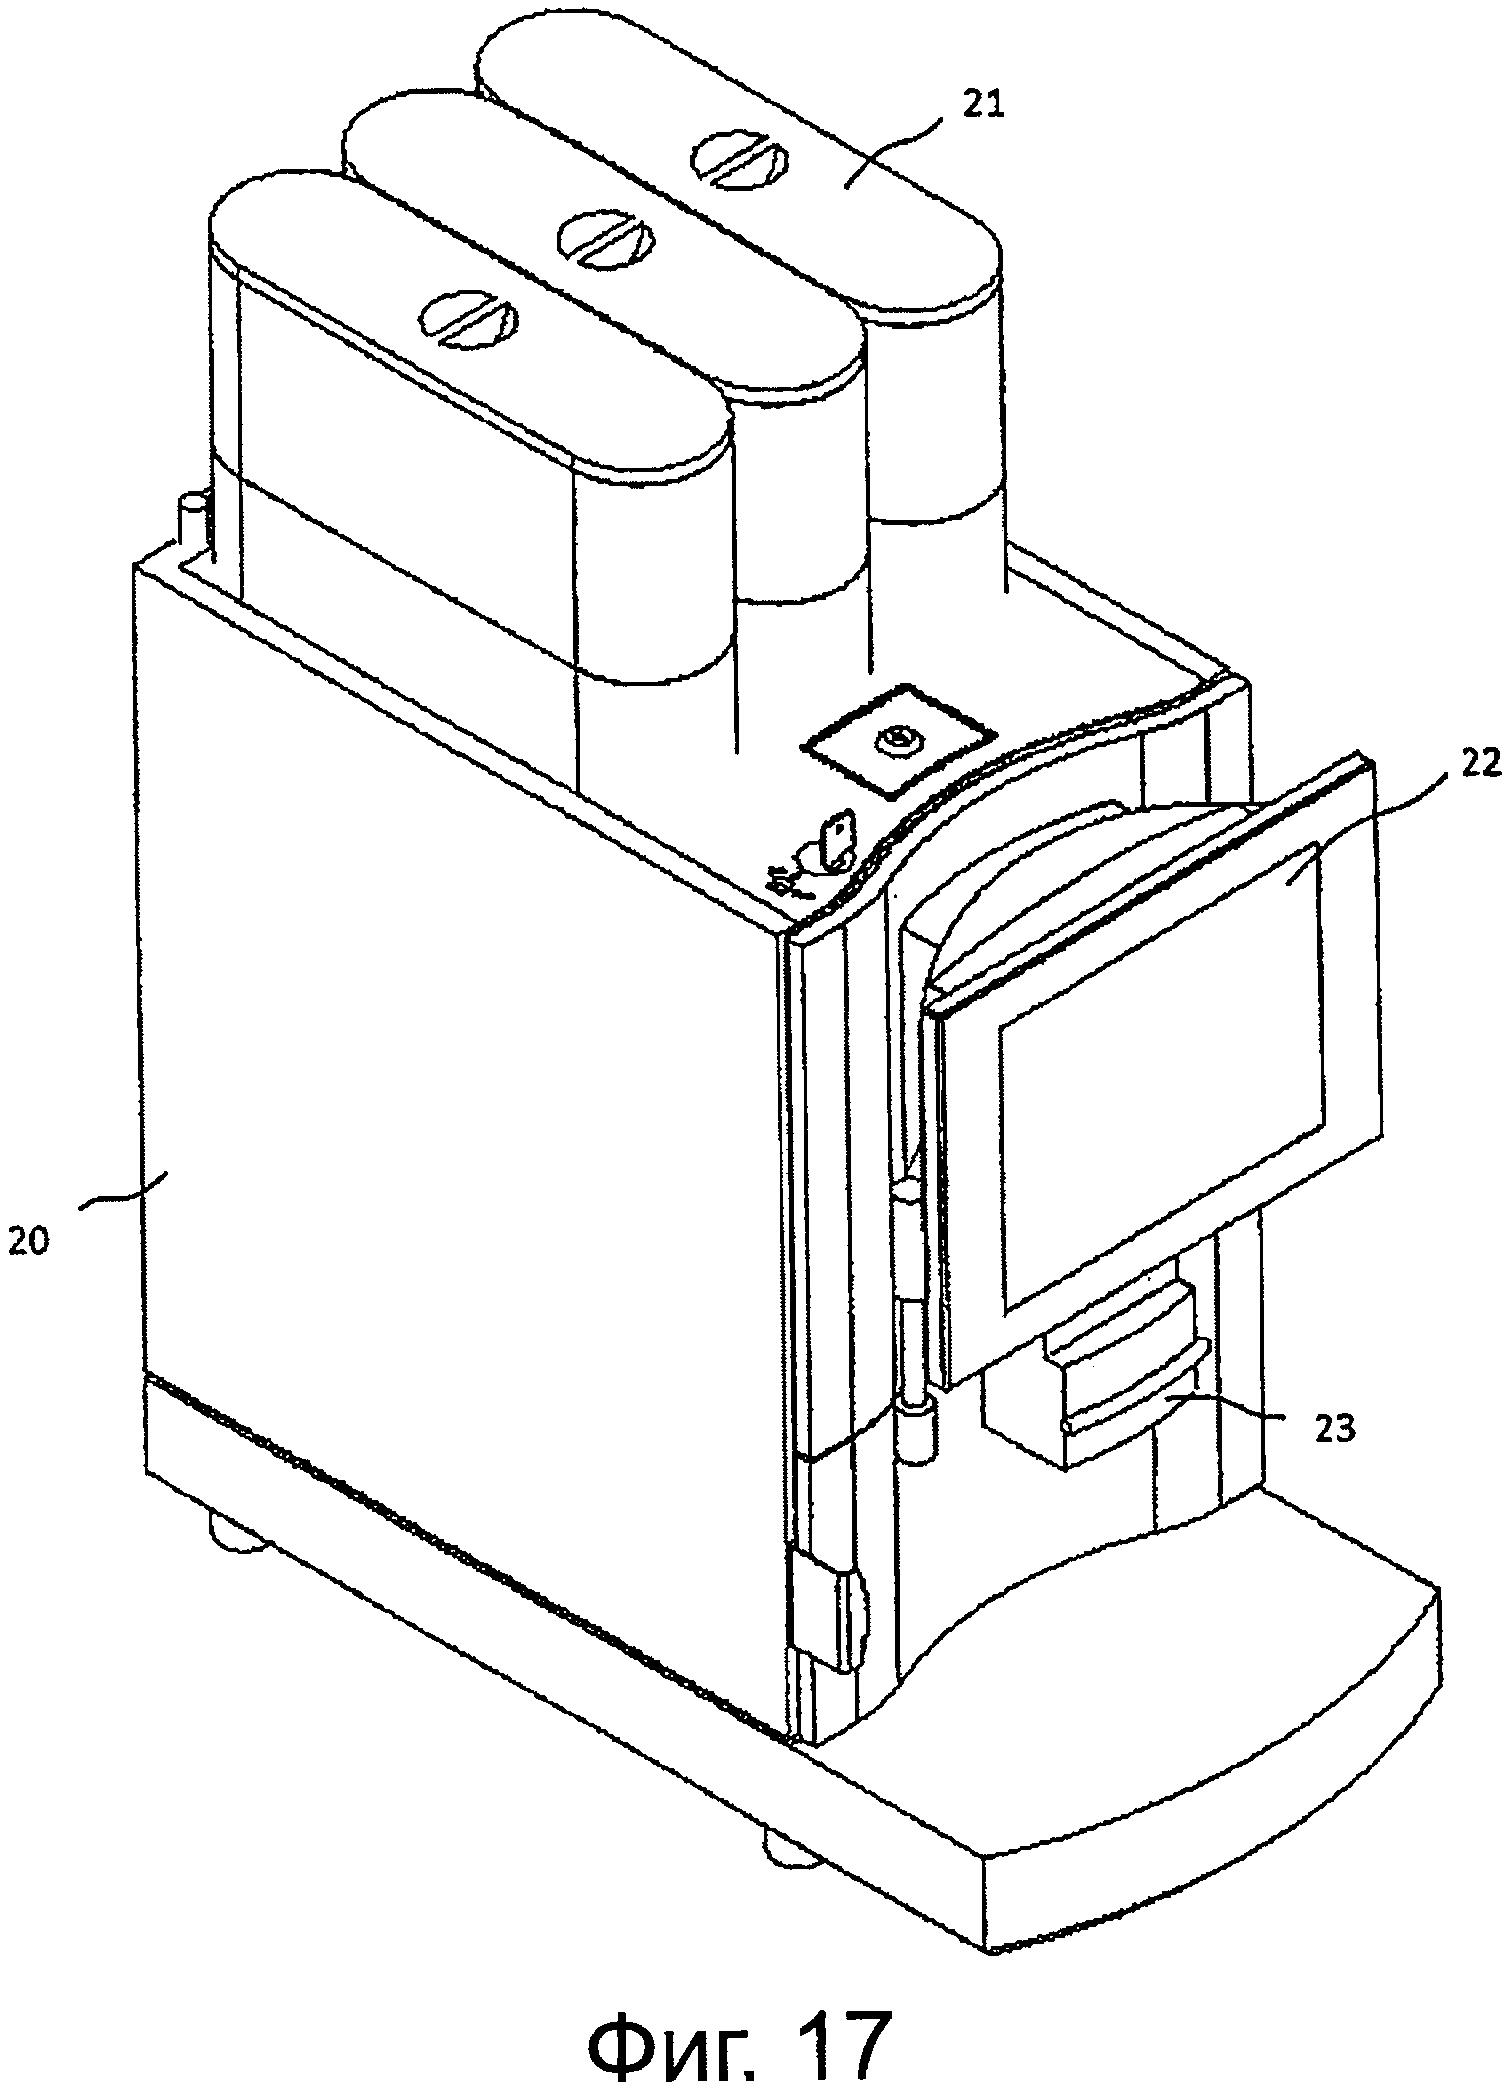 Способ эксплуатации машины для приготовления напитков и машина для приготовления напитков для осуществления такого способа